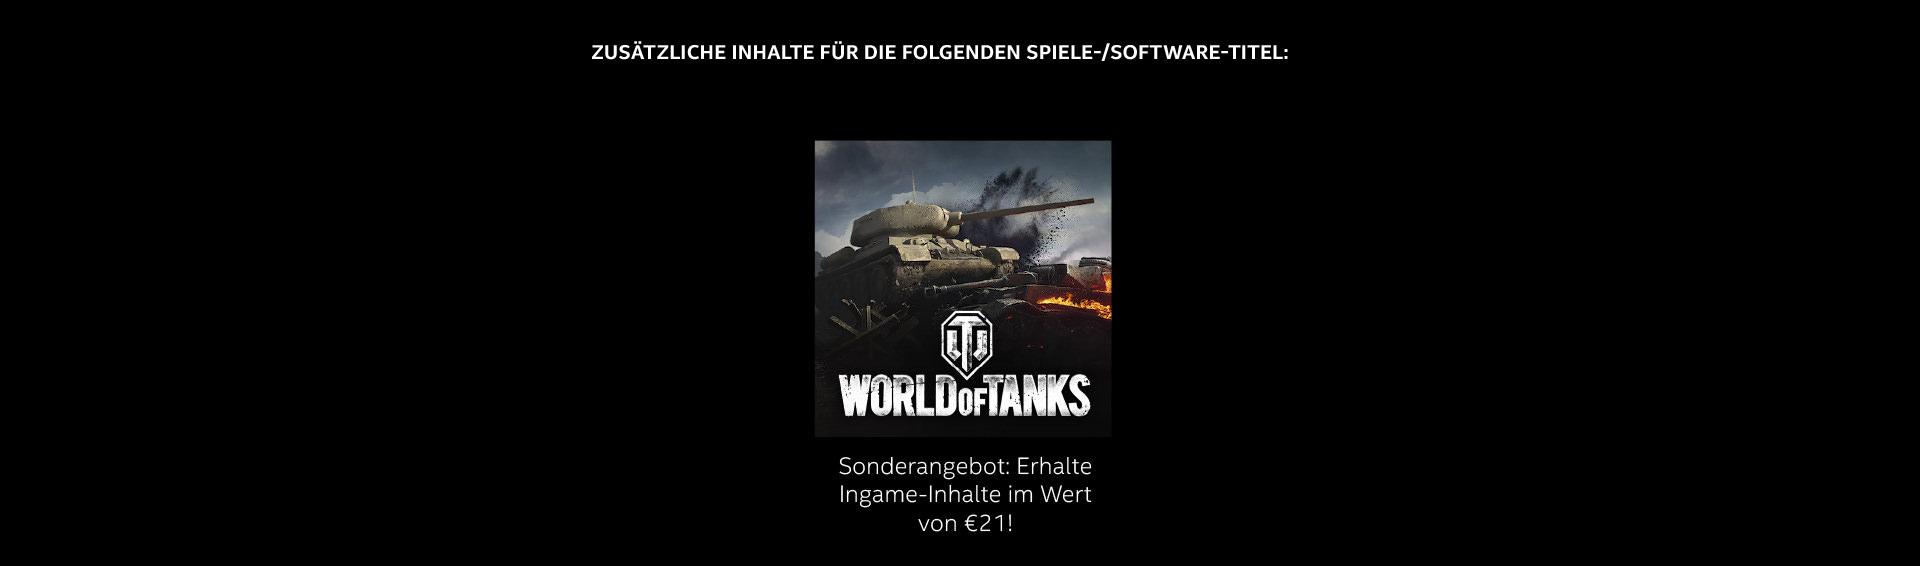 Zusätzliche Inhalte für die folgenden Spiele-/Software-Titel: World of Tanks: 21e Ingame-Inhalte